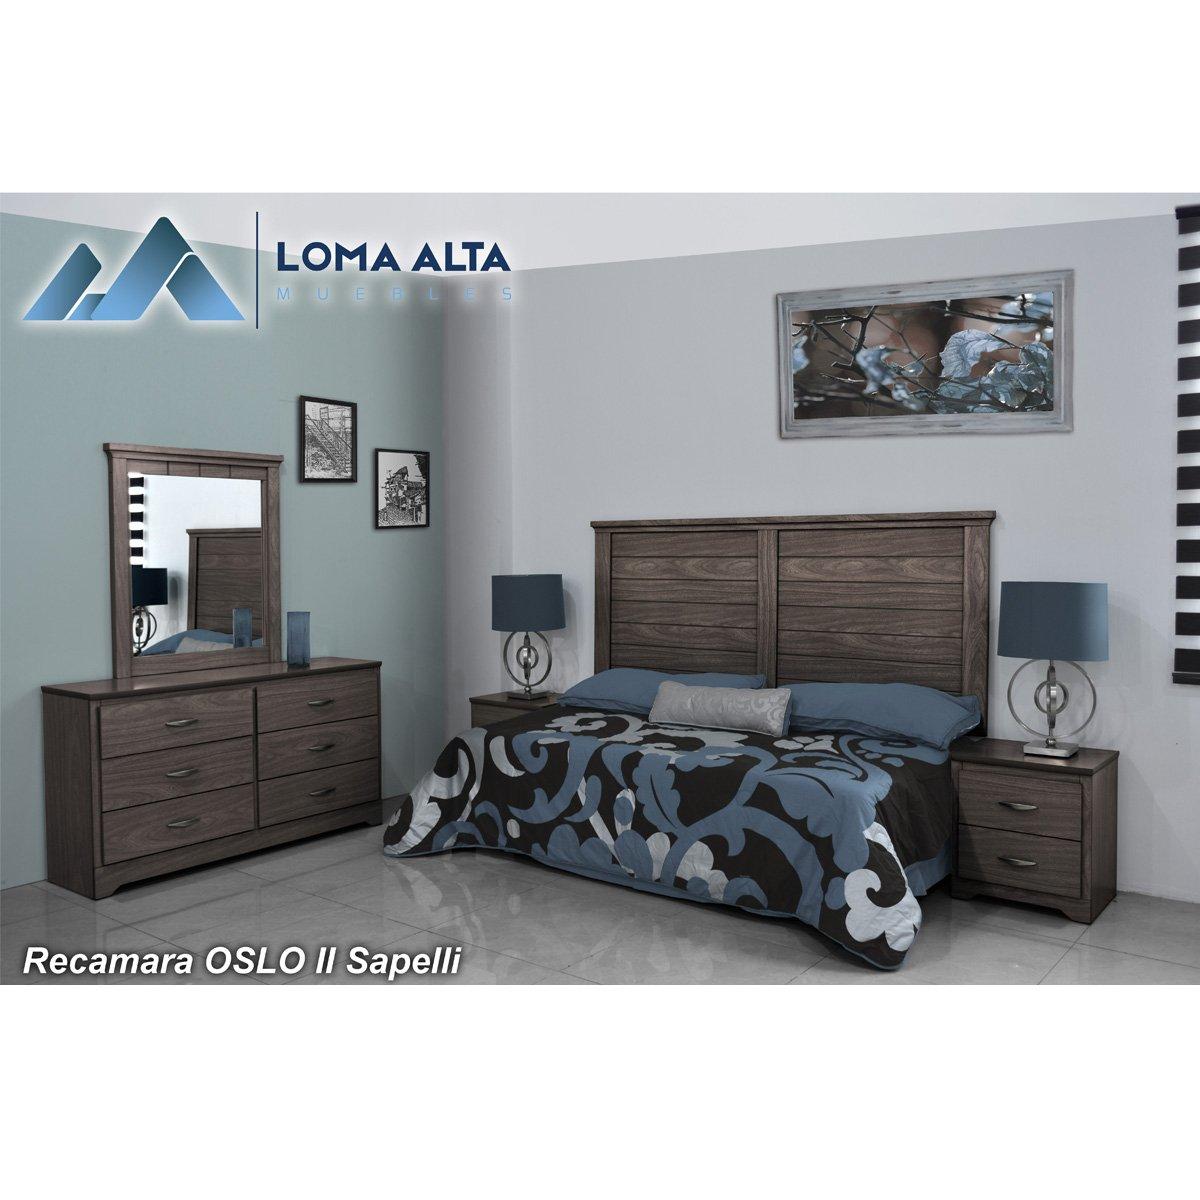 Lujo Sears Bastidor De La Cama Motivo - Ideas Personalizadas de ...